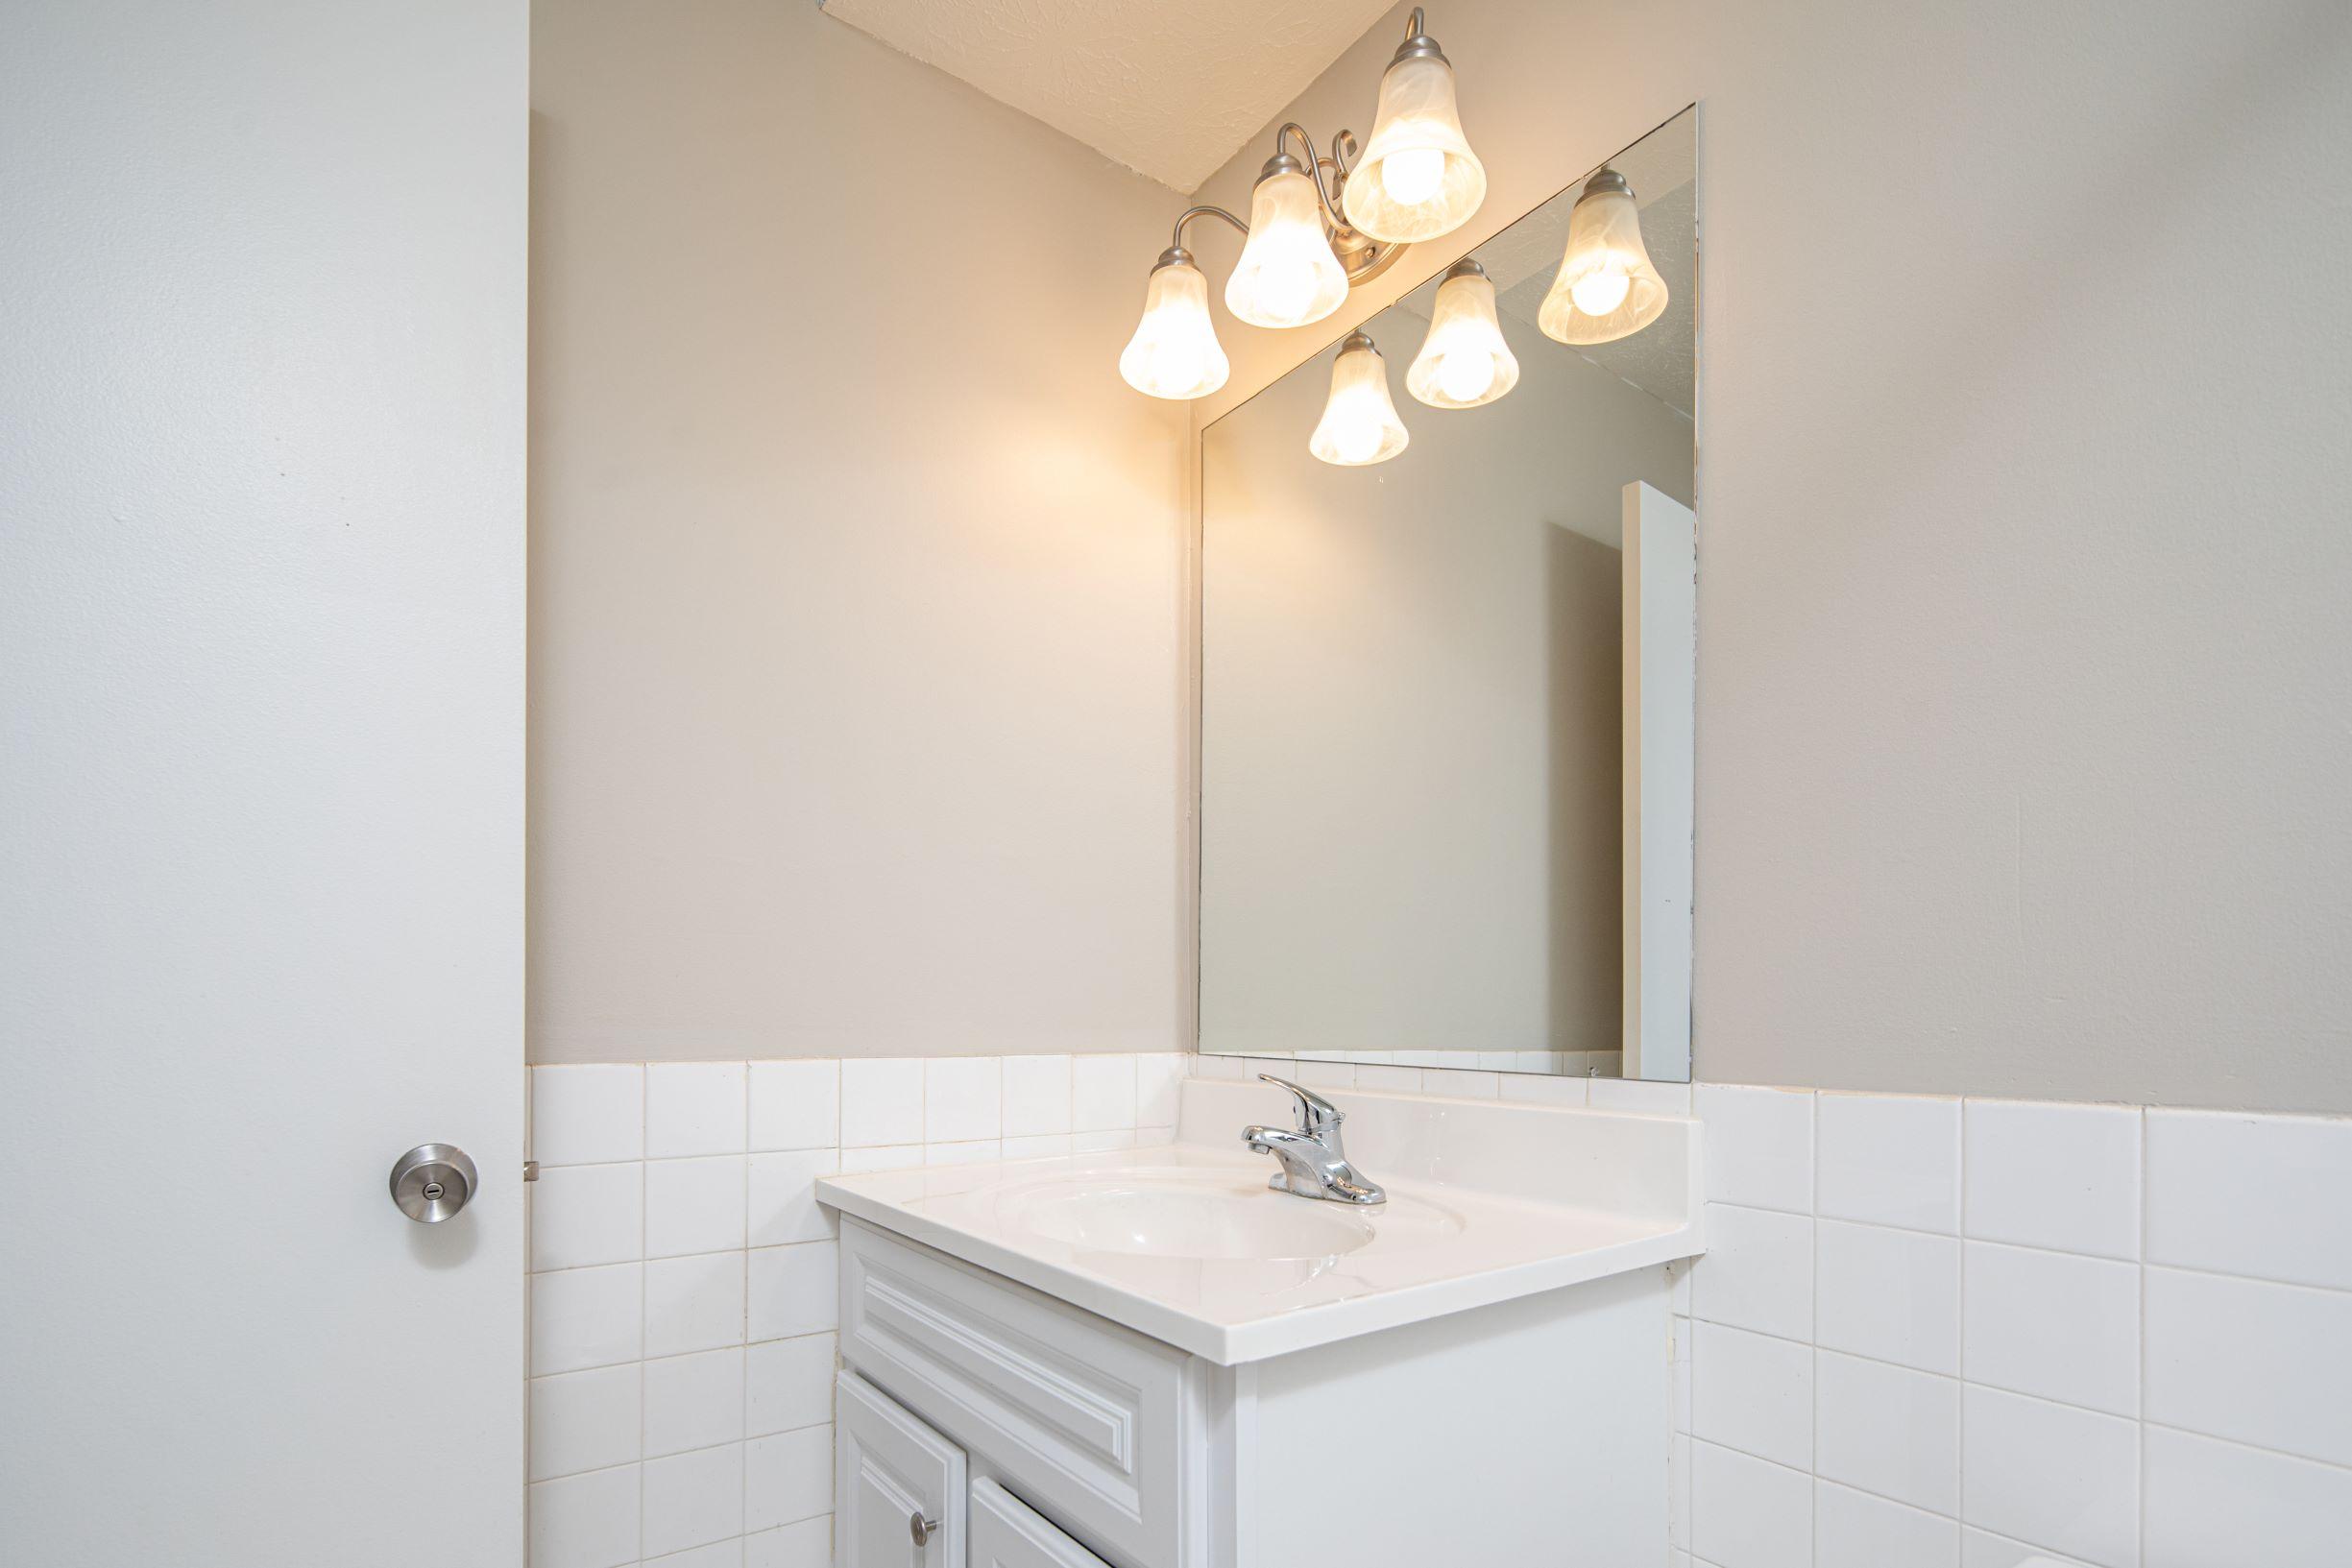 Bathroom Vanity with under sink storage